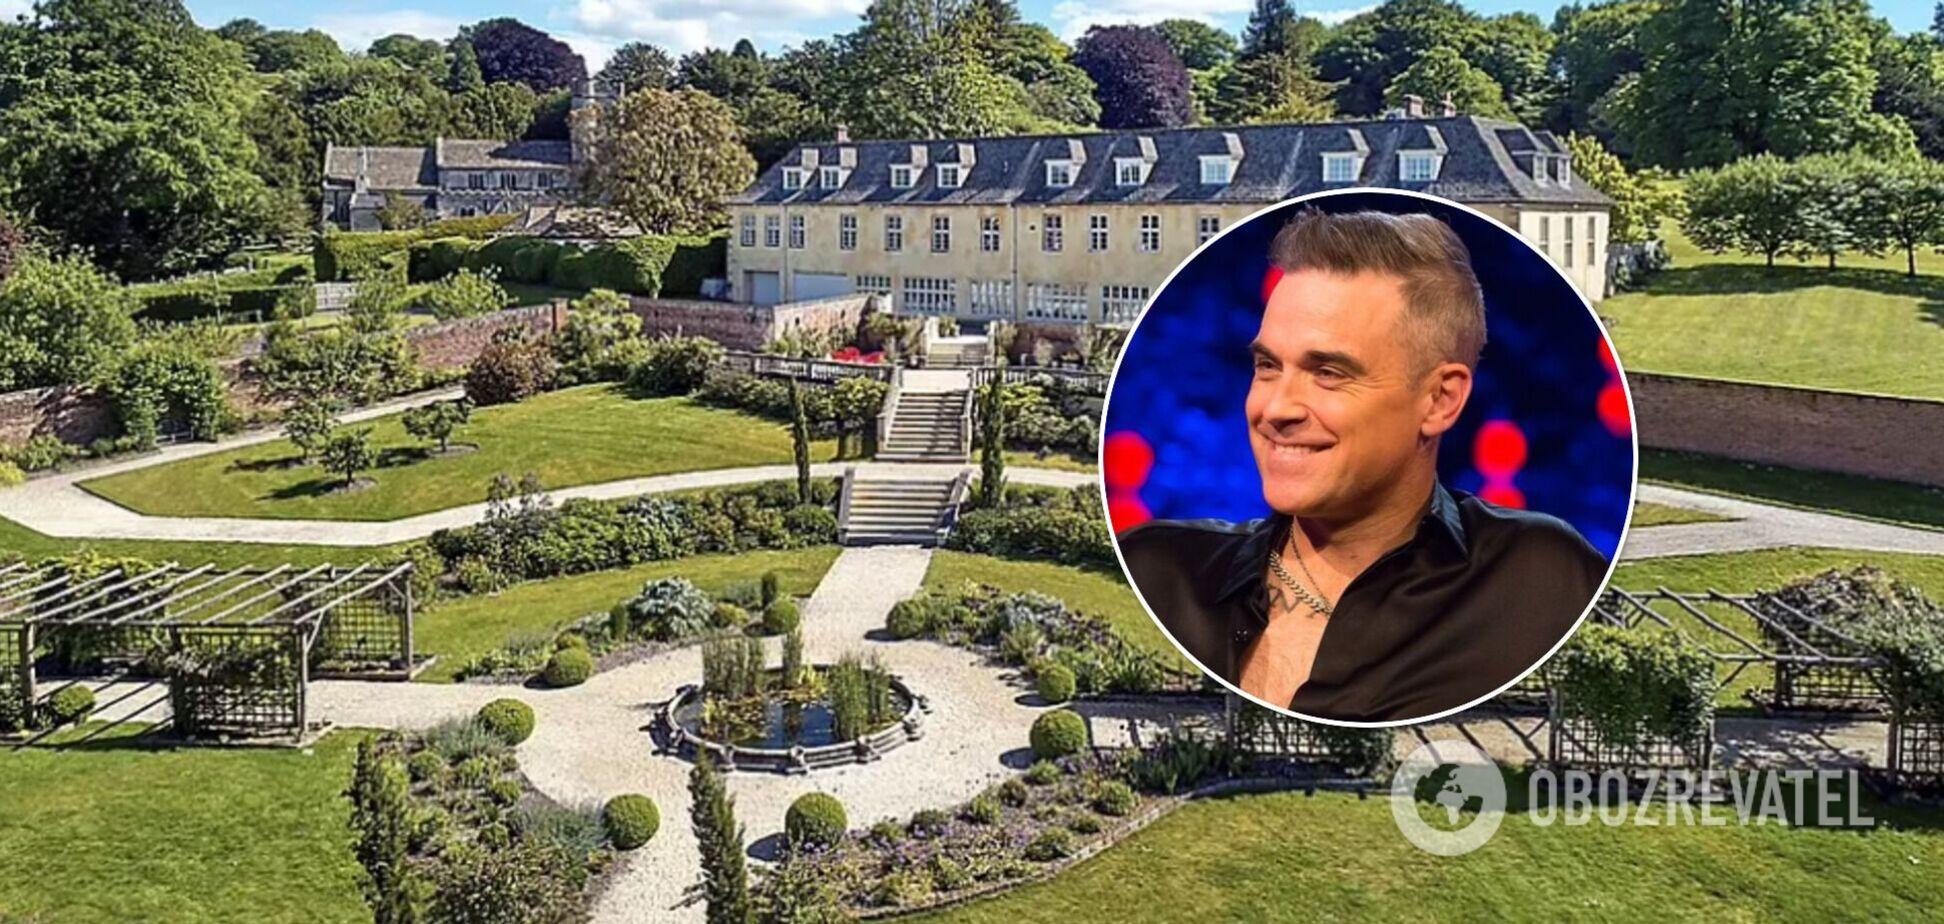 Робби Уильямс продает легендарный особняк почти за 10 млн долларов: как он выглядит изнутри. Фото